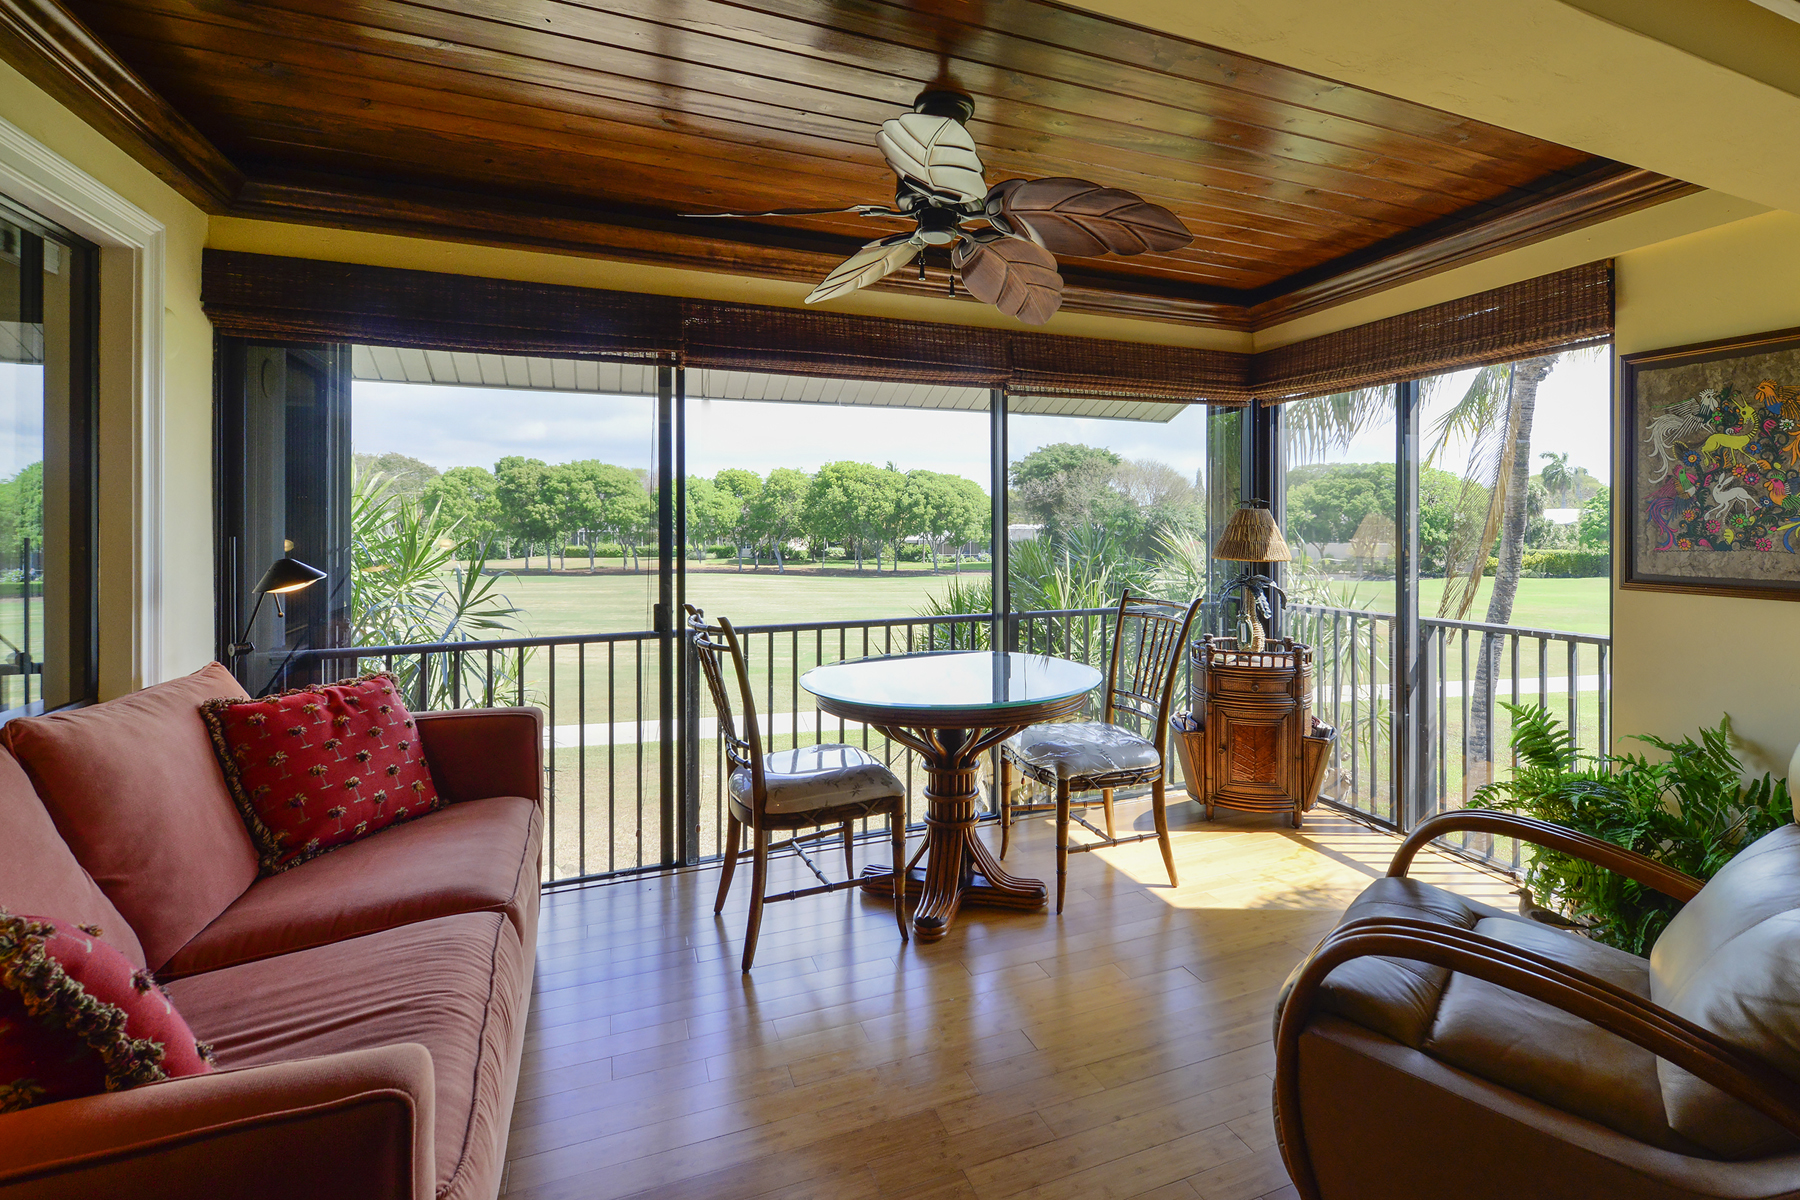 Condominium for Sale at Golf Course Condominium at Ocean Reef 12 Lakeside Lane, Unit B Key Largo, Florida 33037 United States